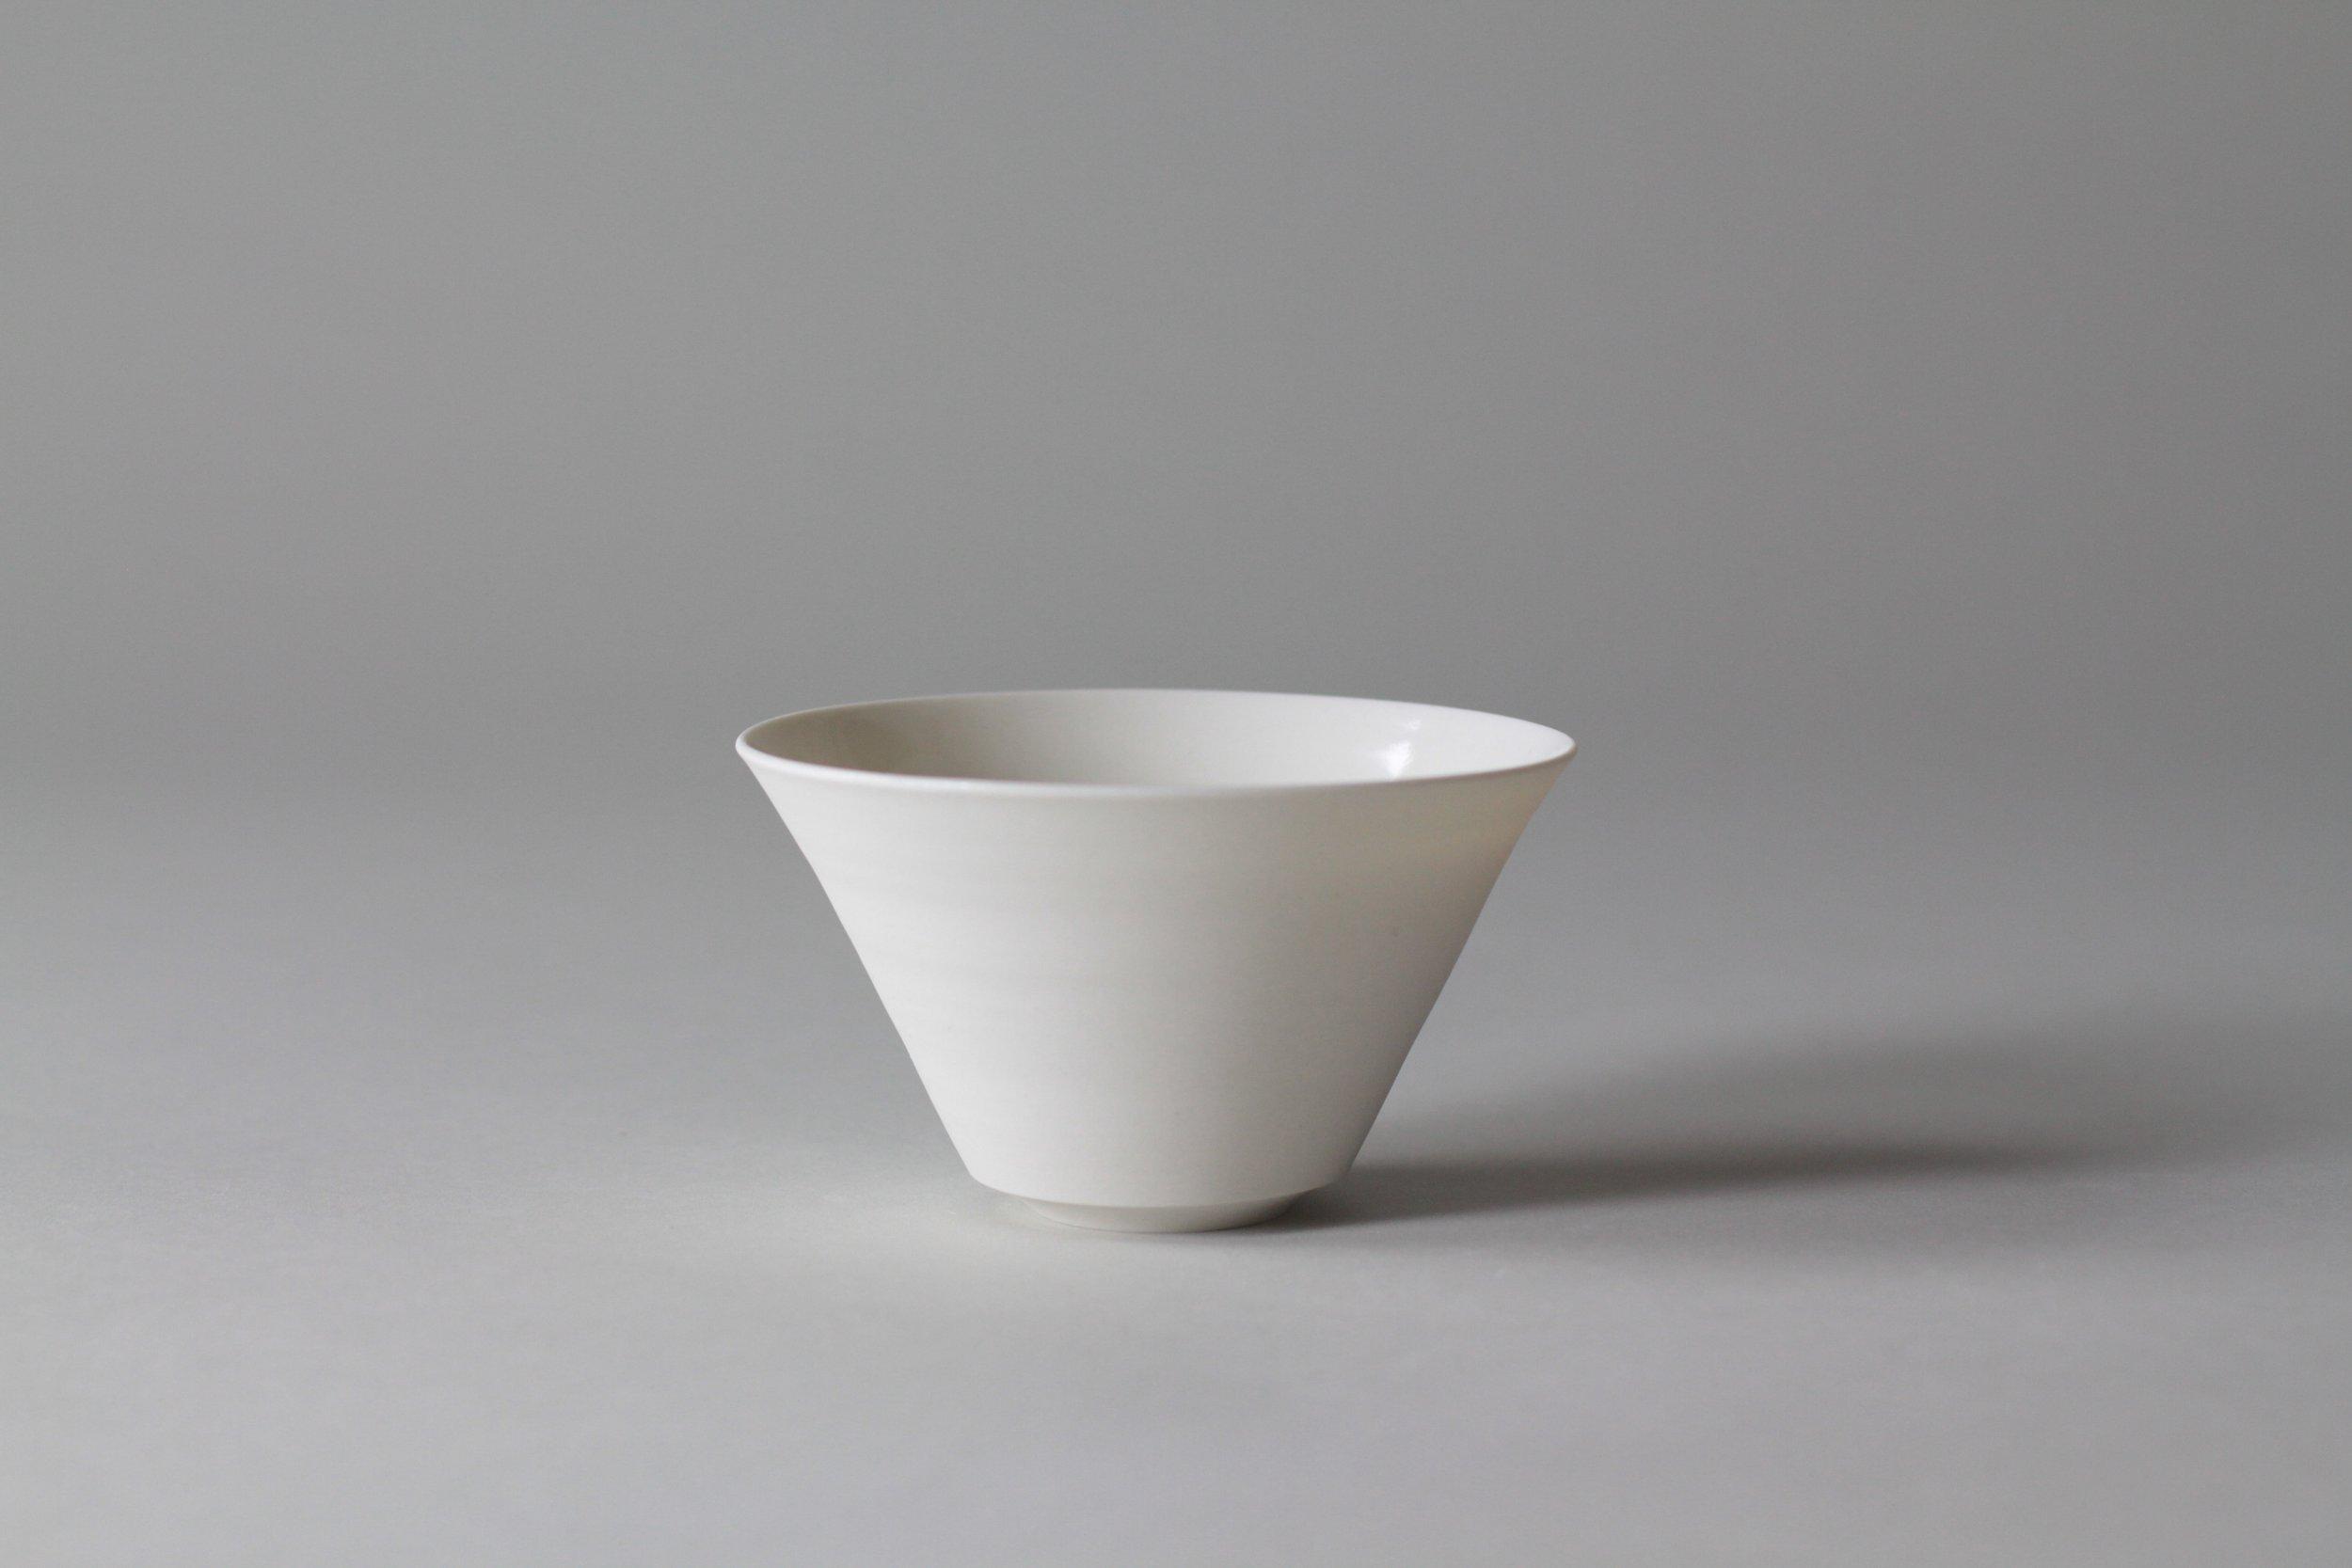 Ceramic tableware bowl by Lilith Rockett, Portland, Oregon